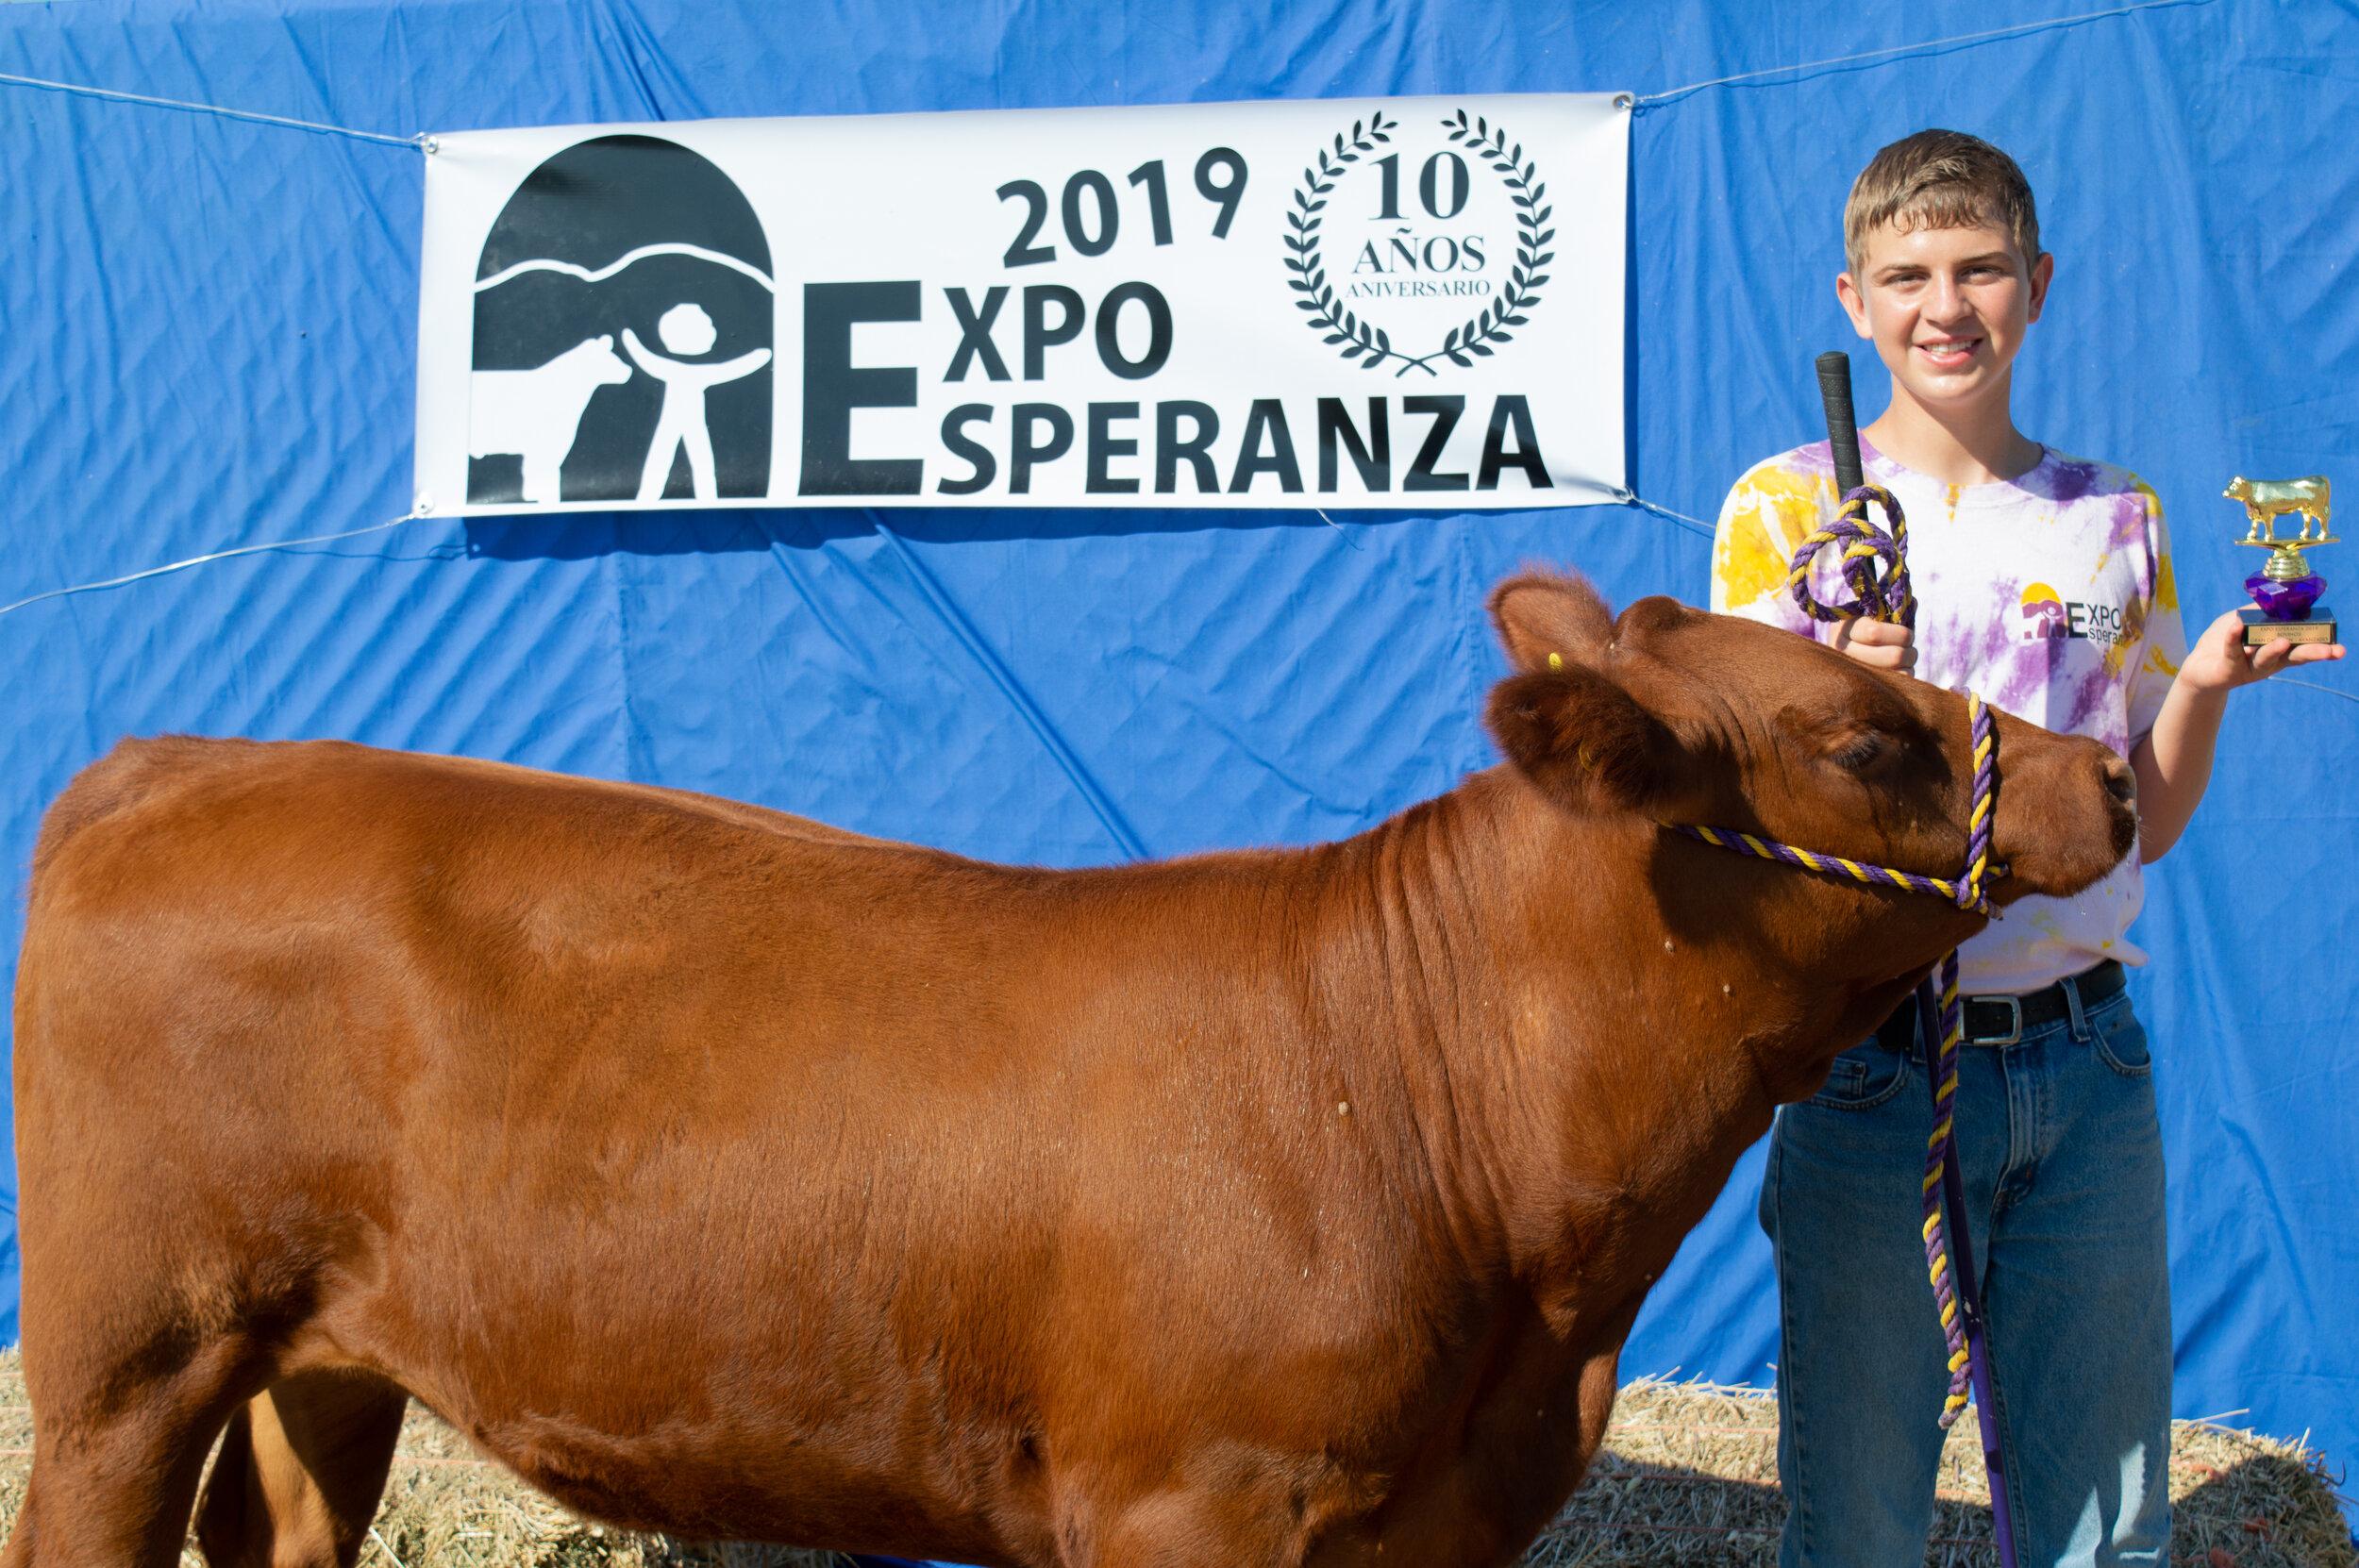 Expo Esperanza (366).jpg